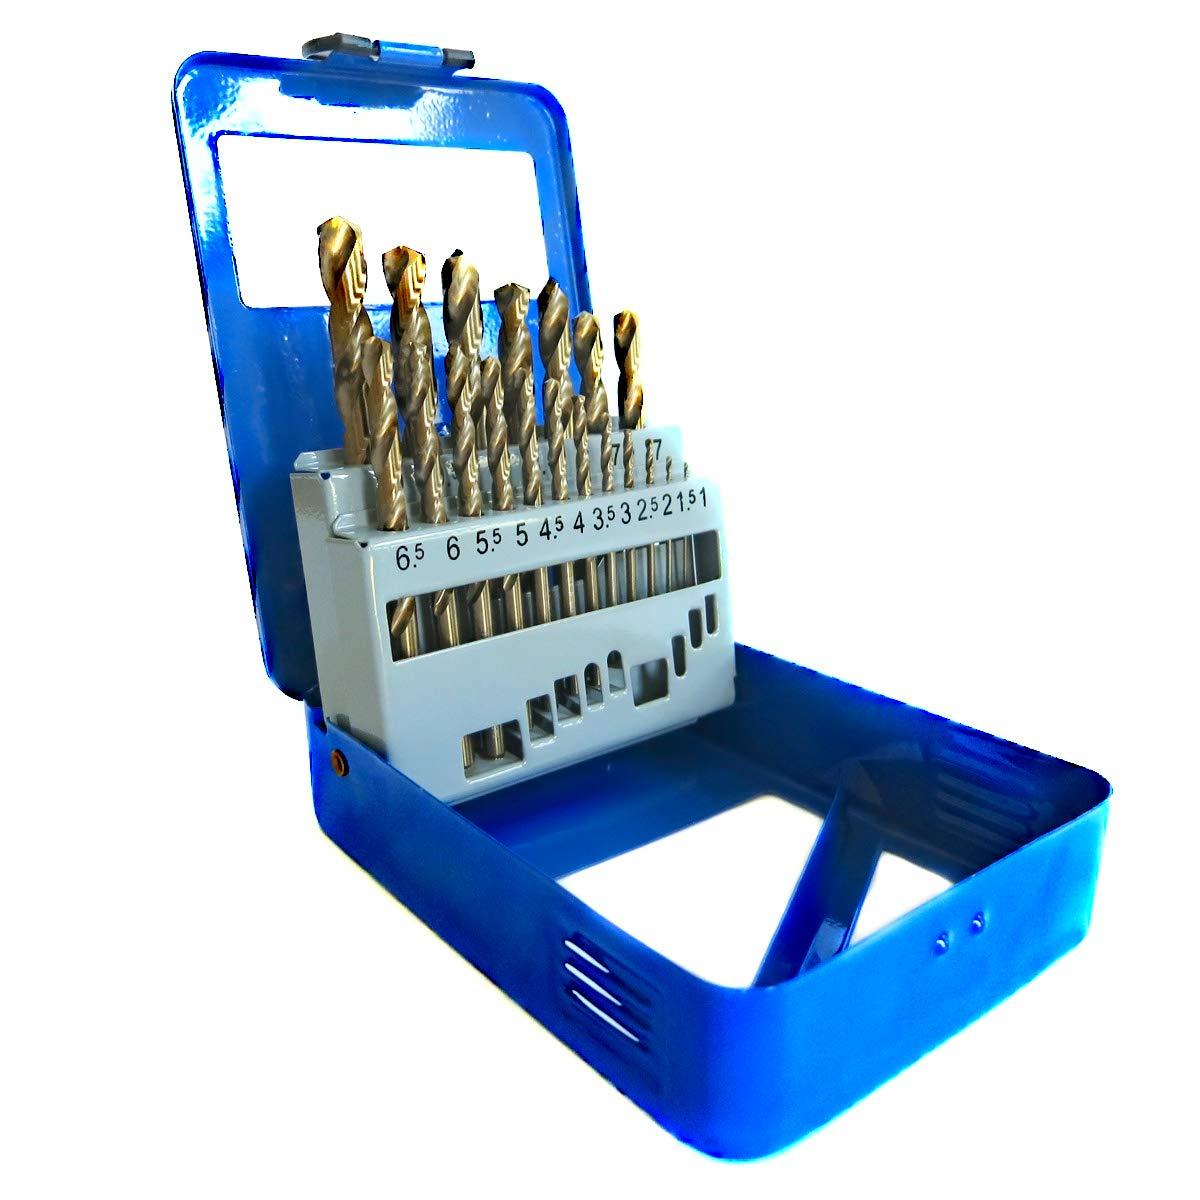 Kunststoff Universal Ratsche Schraubendreher Reparatur Kit Set Weich Und Leicht Werkzeuge 100% QualitäT Neue 15 In 1 Mini Stahl Handwerkzeuge